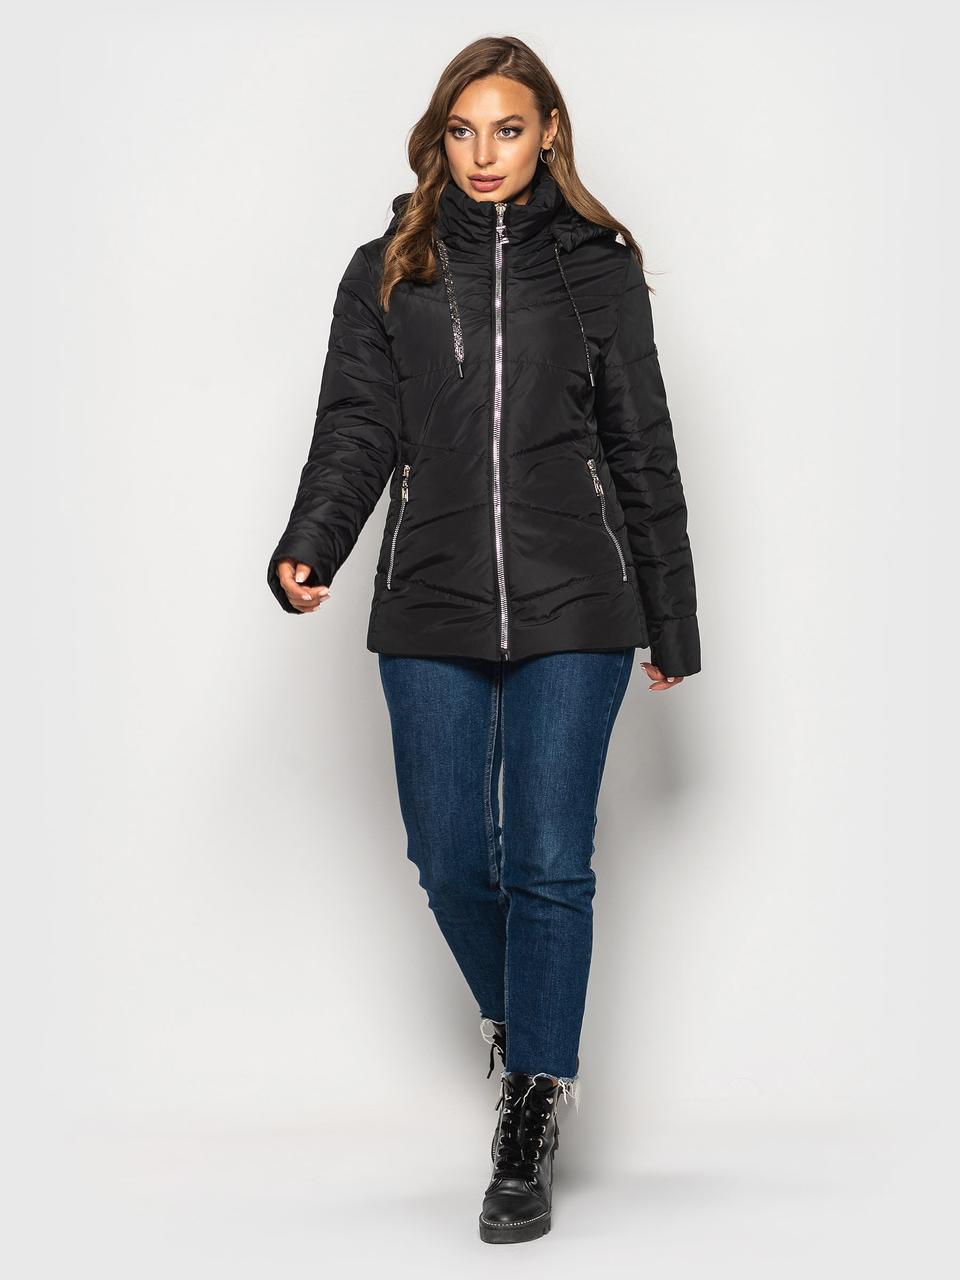 Женская демисезонная куртка Кристина черный(50-64)